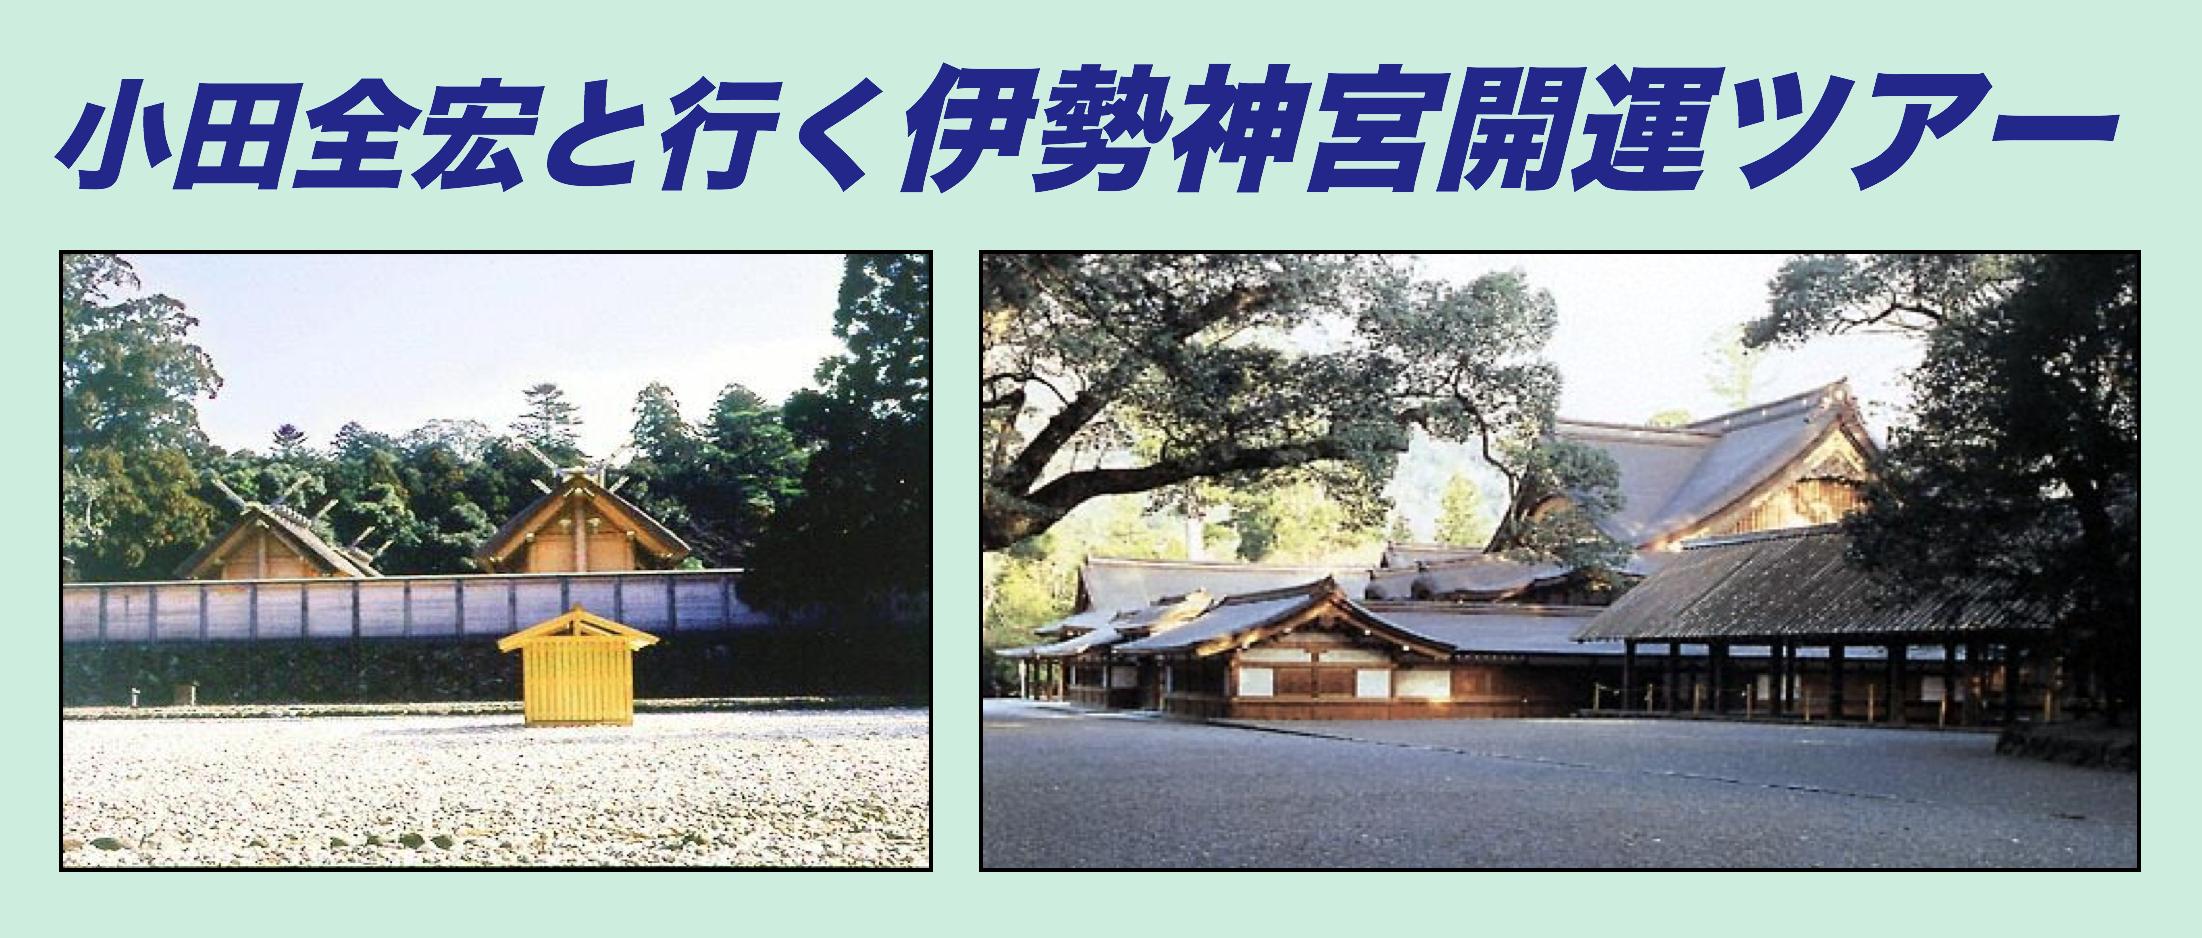 小田全宏と行く伊勢神宮開運ツアー2017年1月